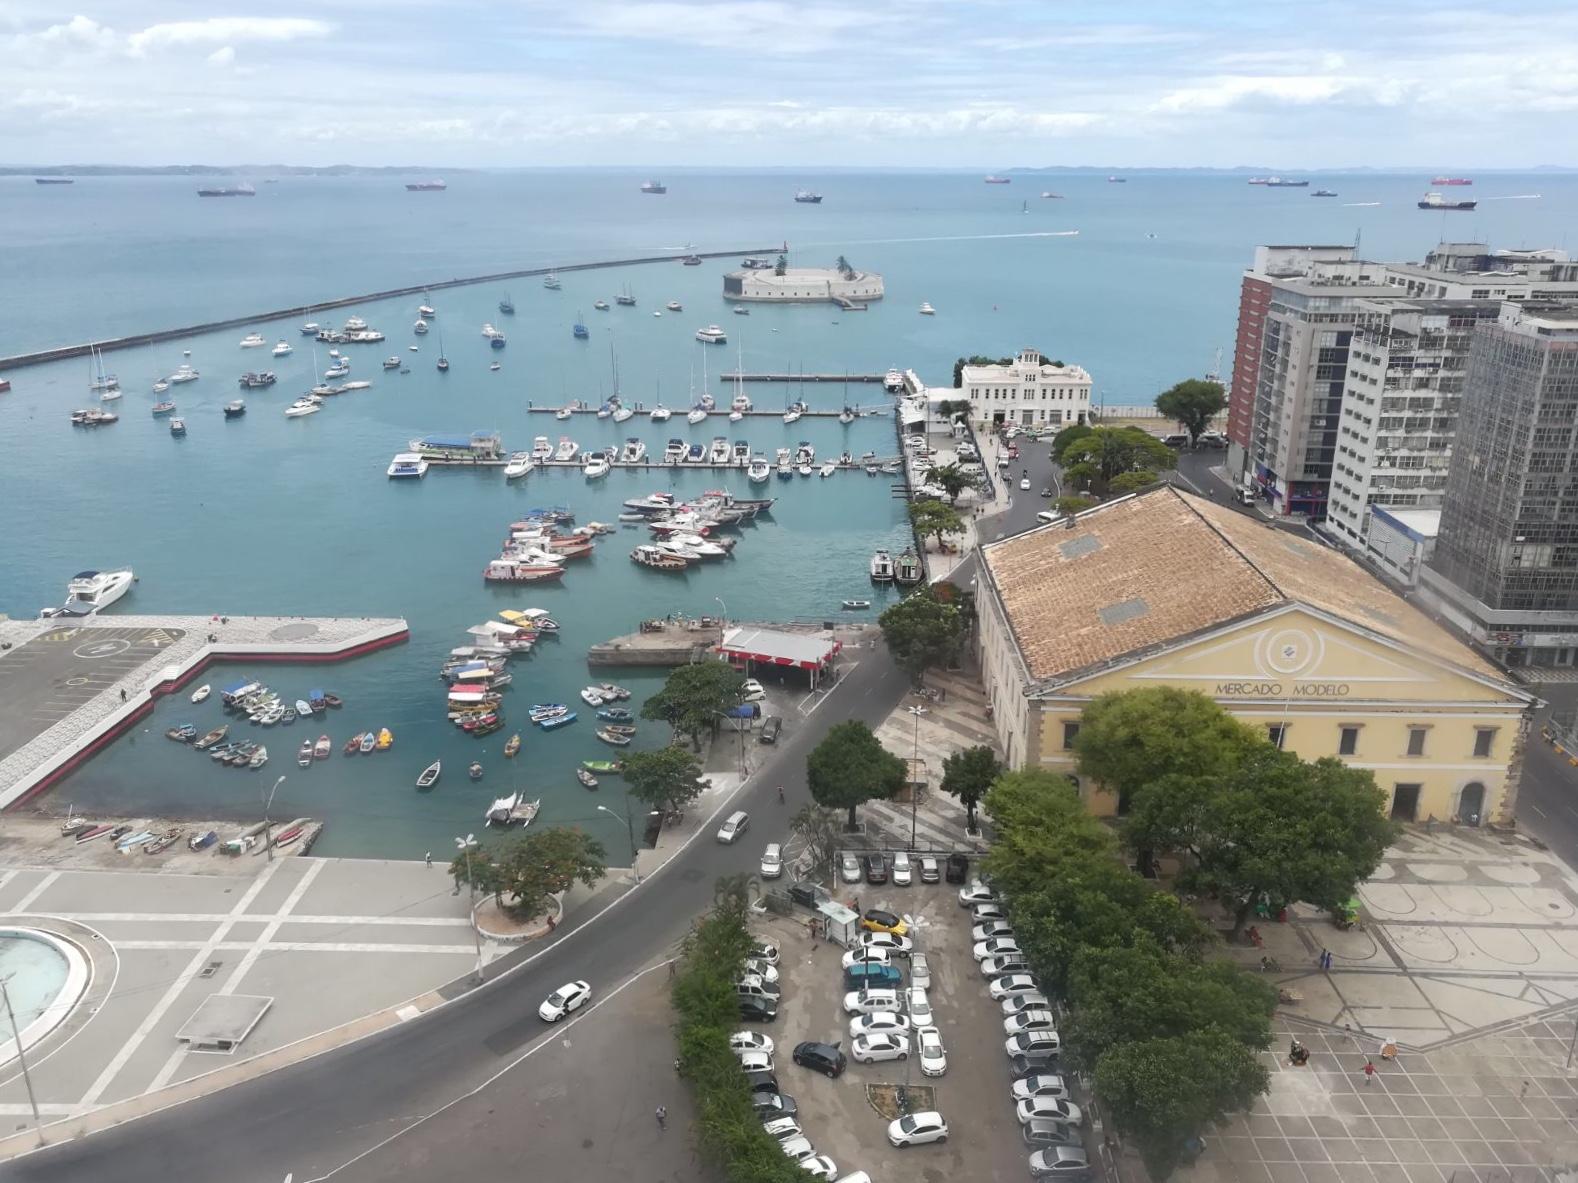 Vista del Fuerte de São Marcelo y el Mercado Modelo desde el Elevador Lacerda